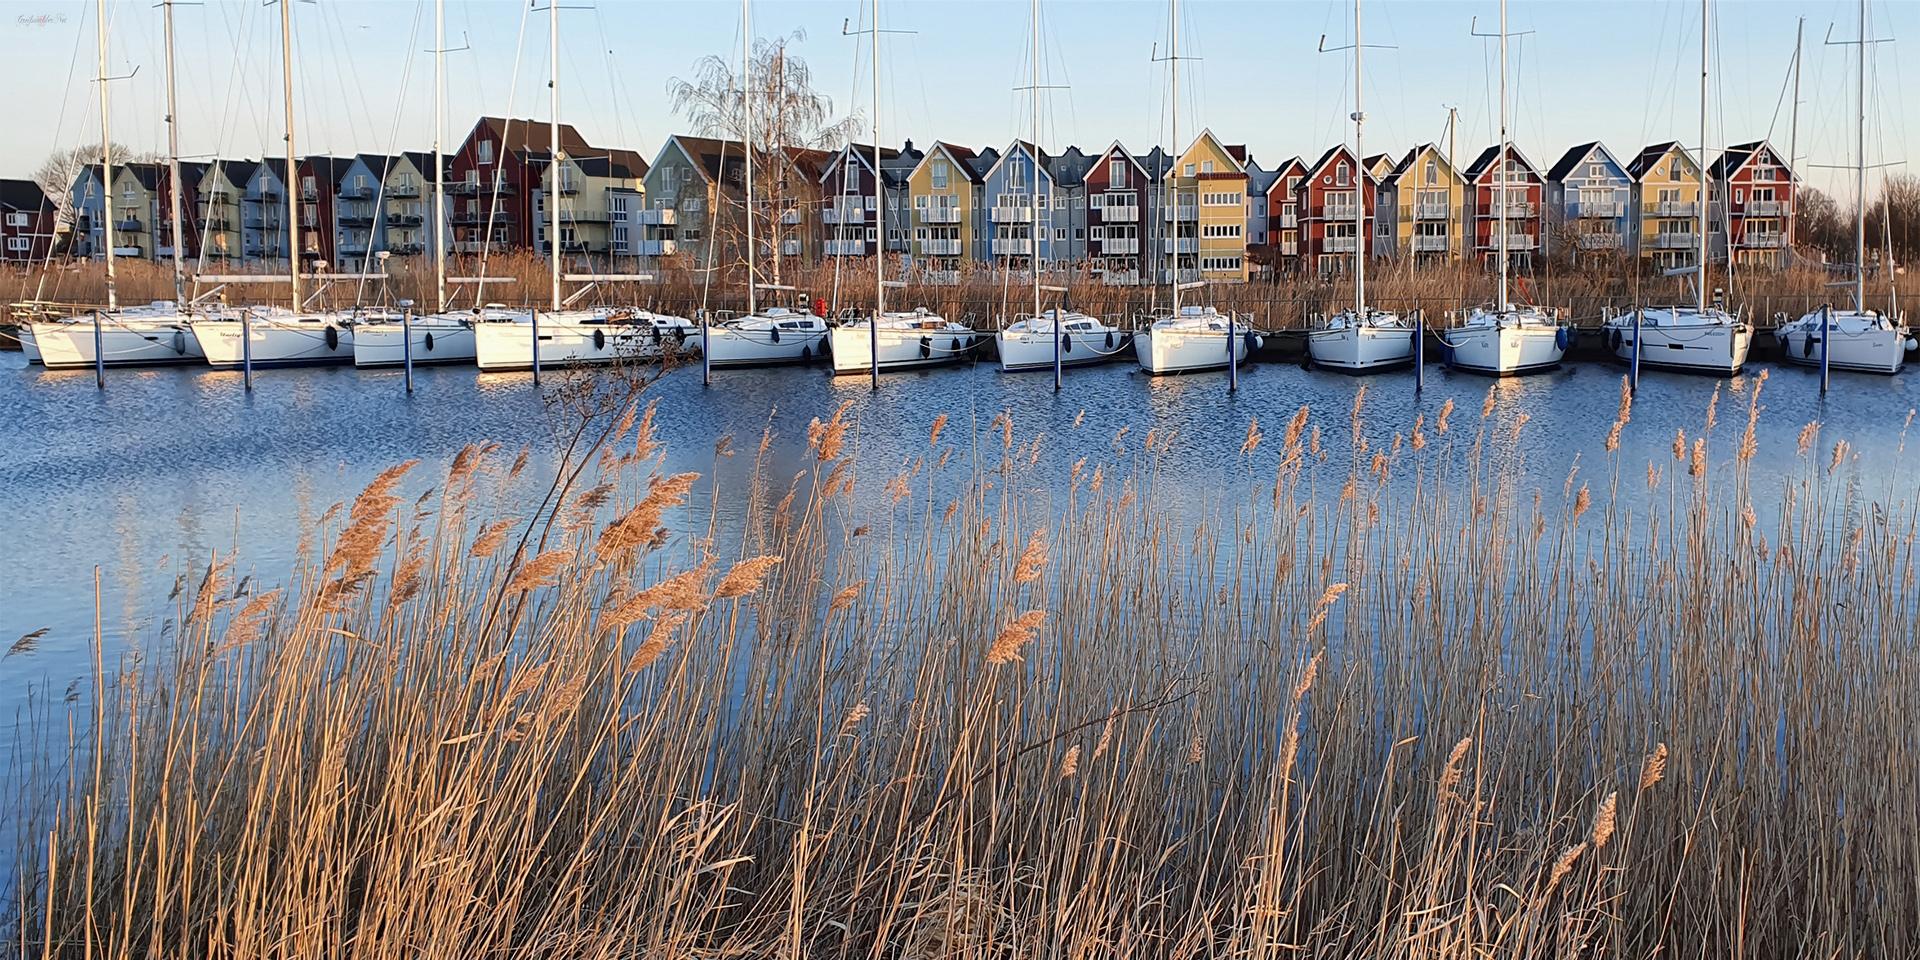 Sonntag am Ryck in Greifswald